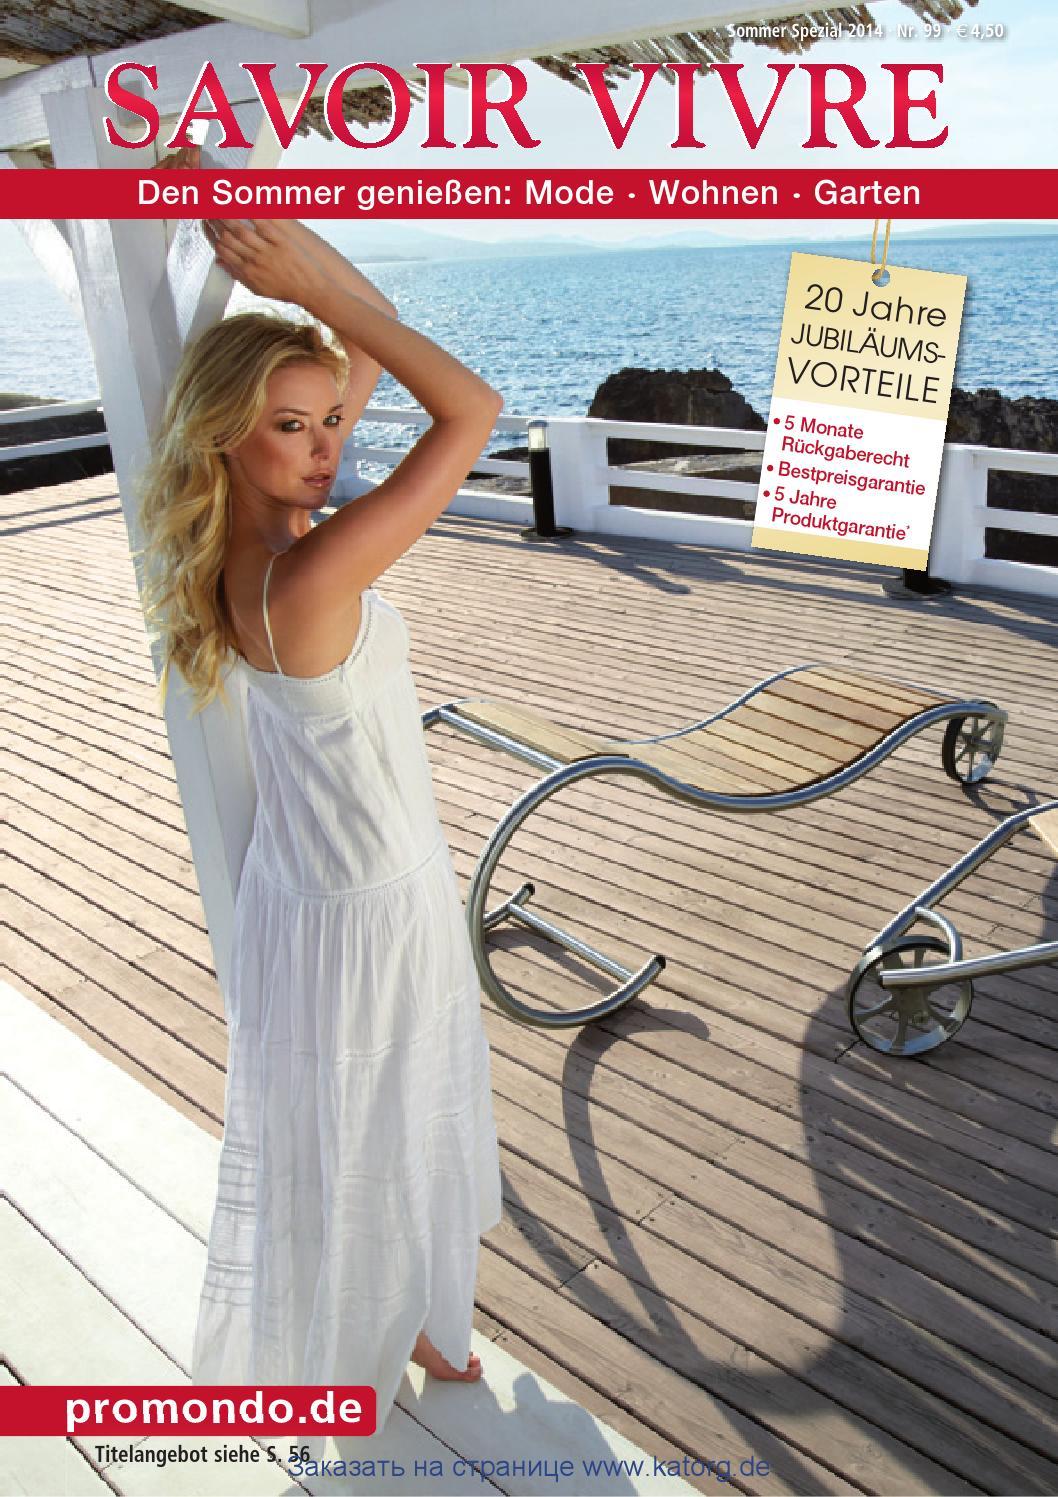 Dekoration Figur Bade Urlauber 2erSet für Liege 11,5+13 cm h Sonnenbrille Eis